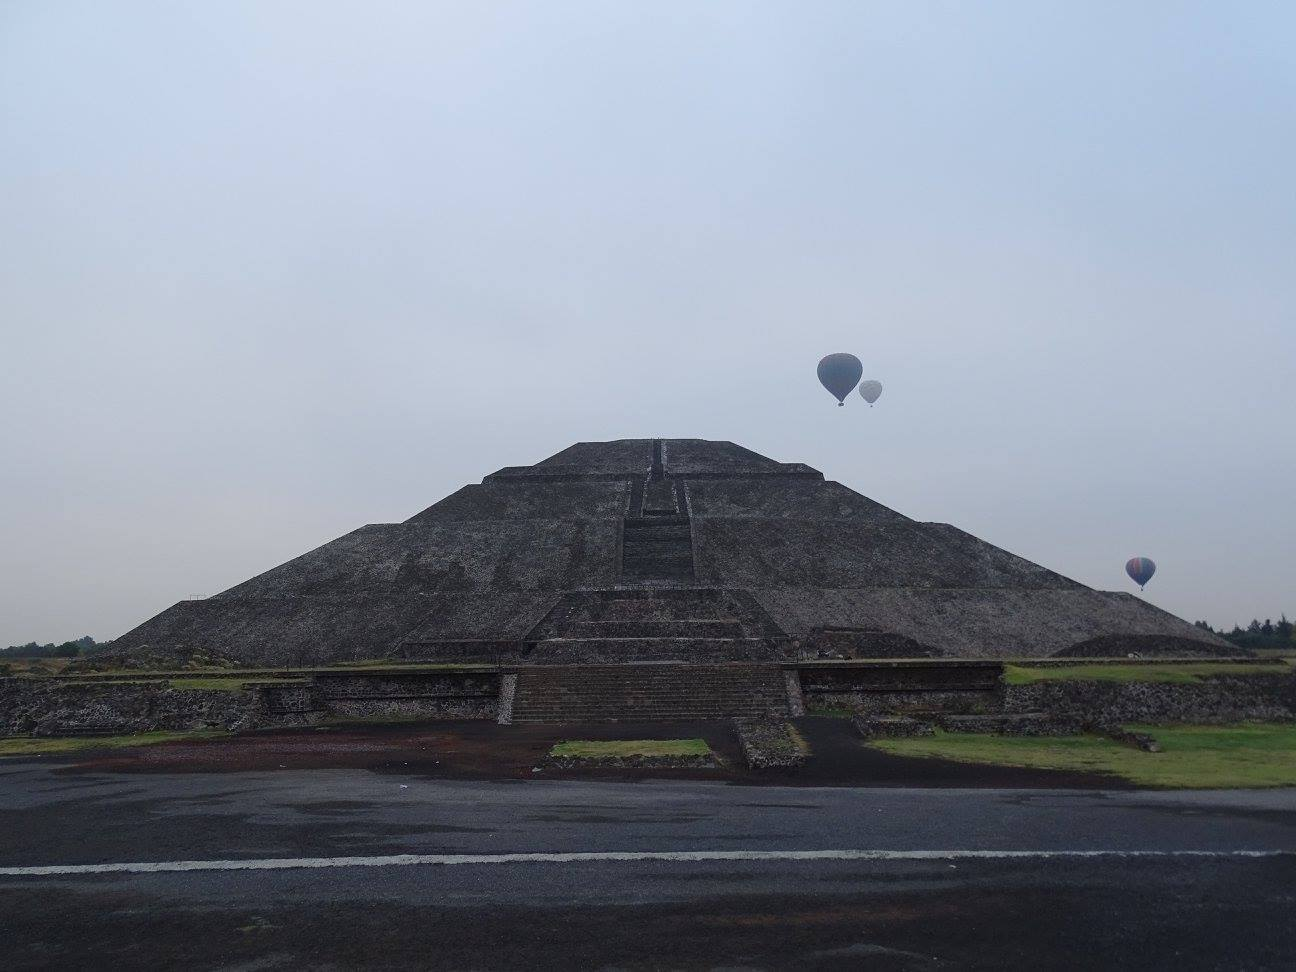 Mexique - Centre du pays - Mexico, Guanajuato...